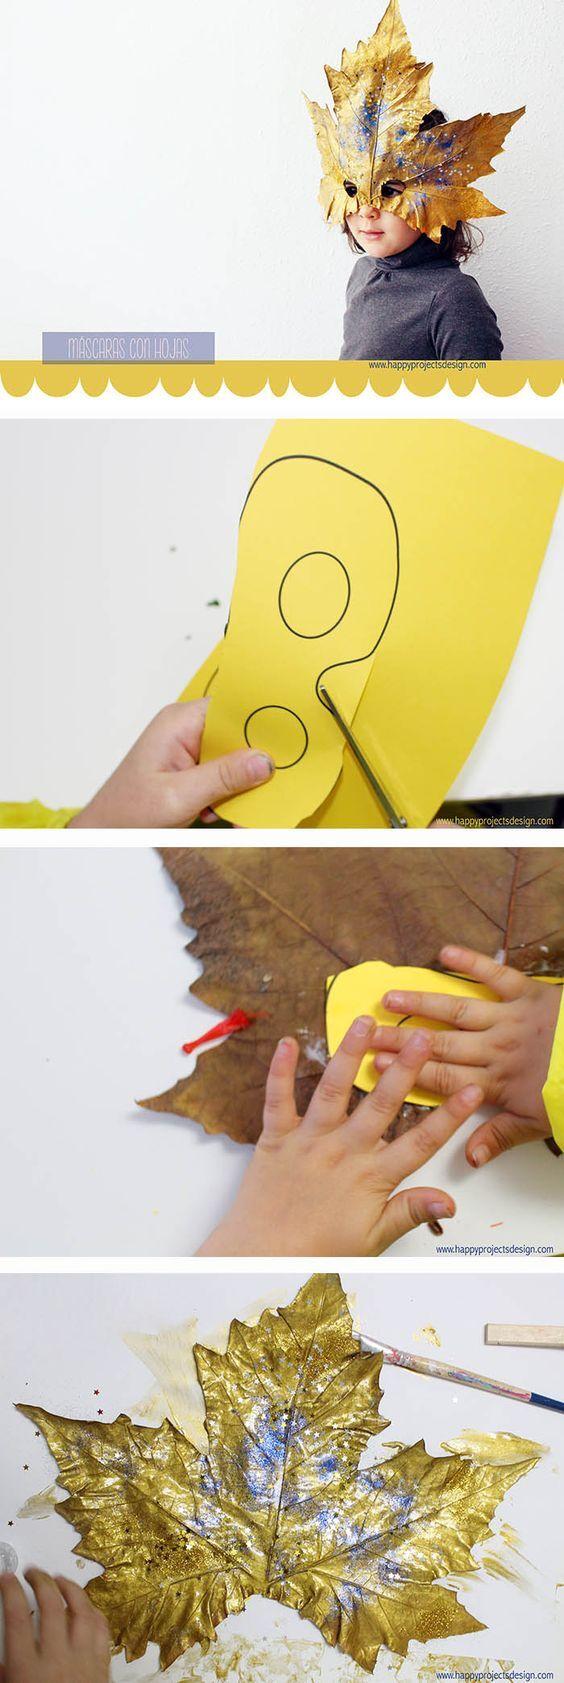 Fantasias fresquinhas para curtir a folia e não passar calor.